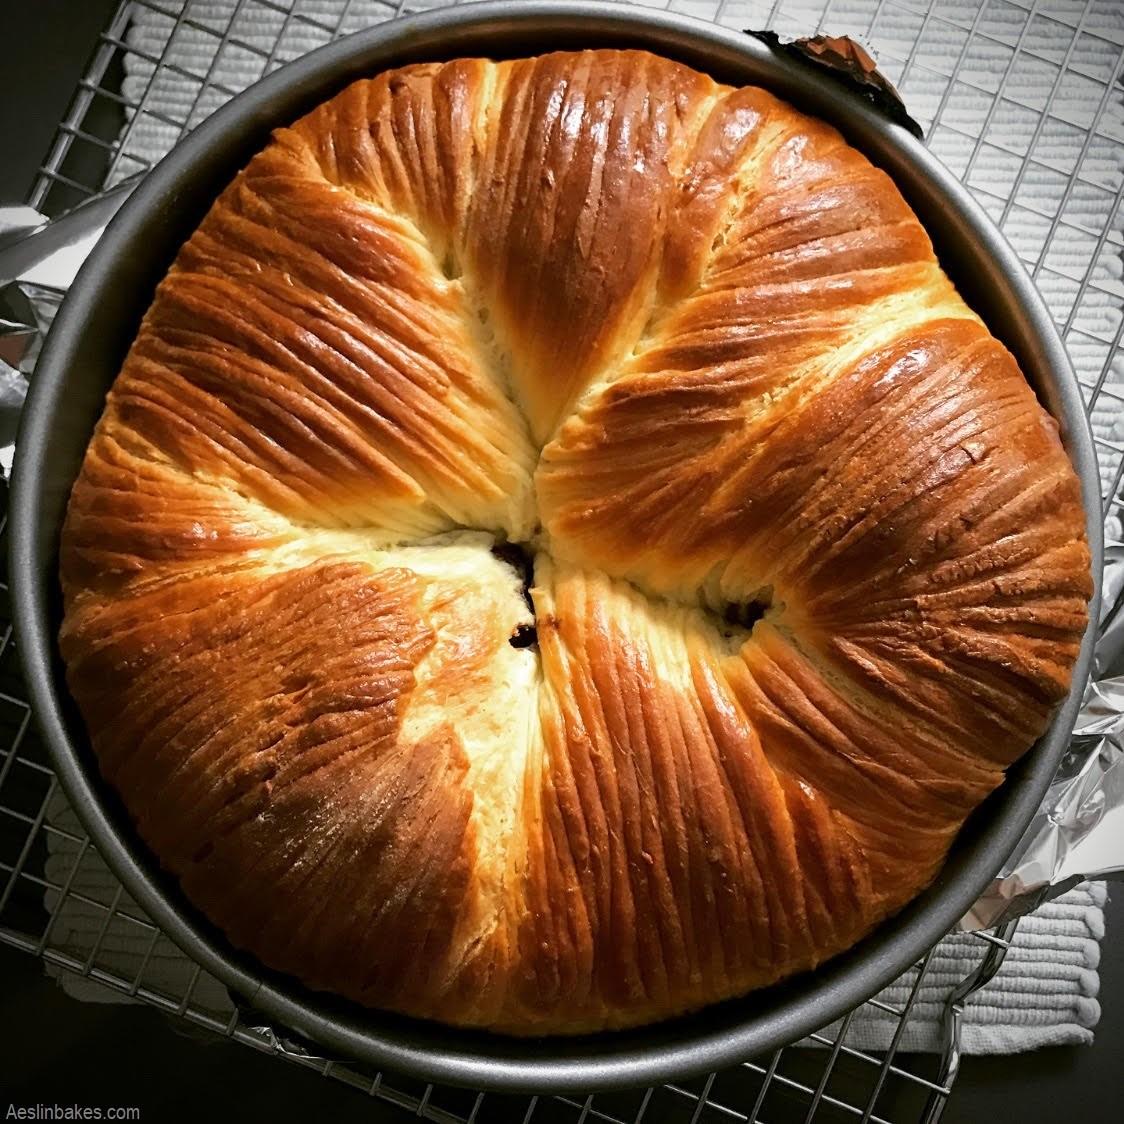 baked brioche wool roll loaf in pan top